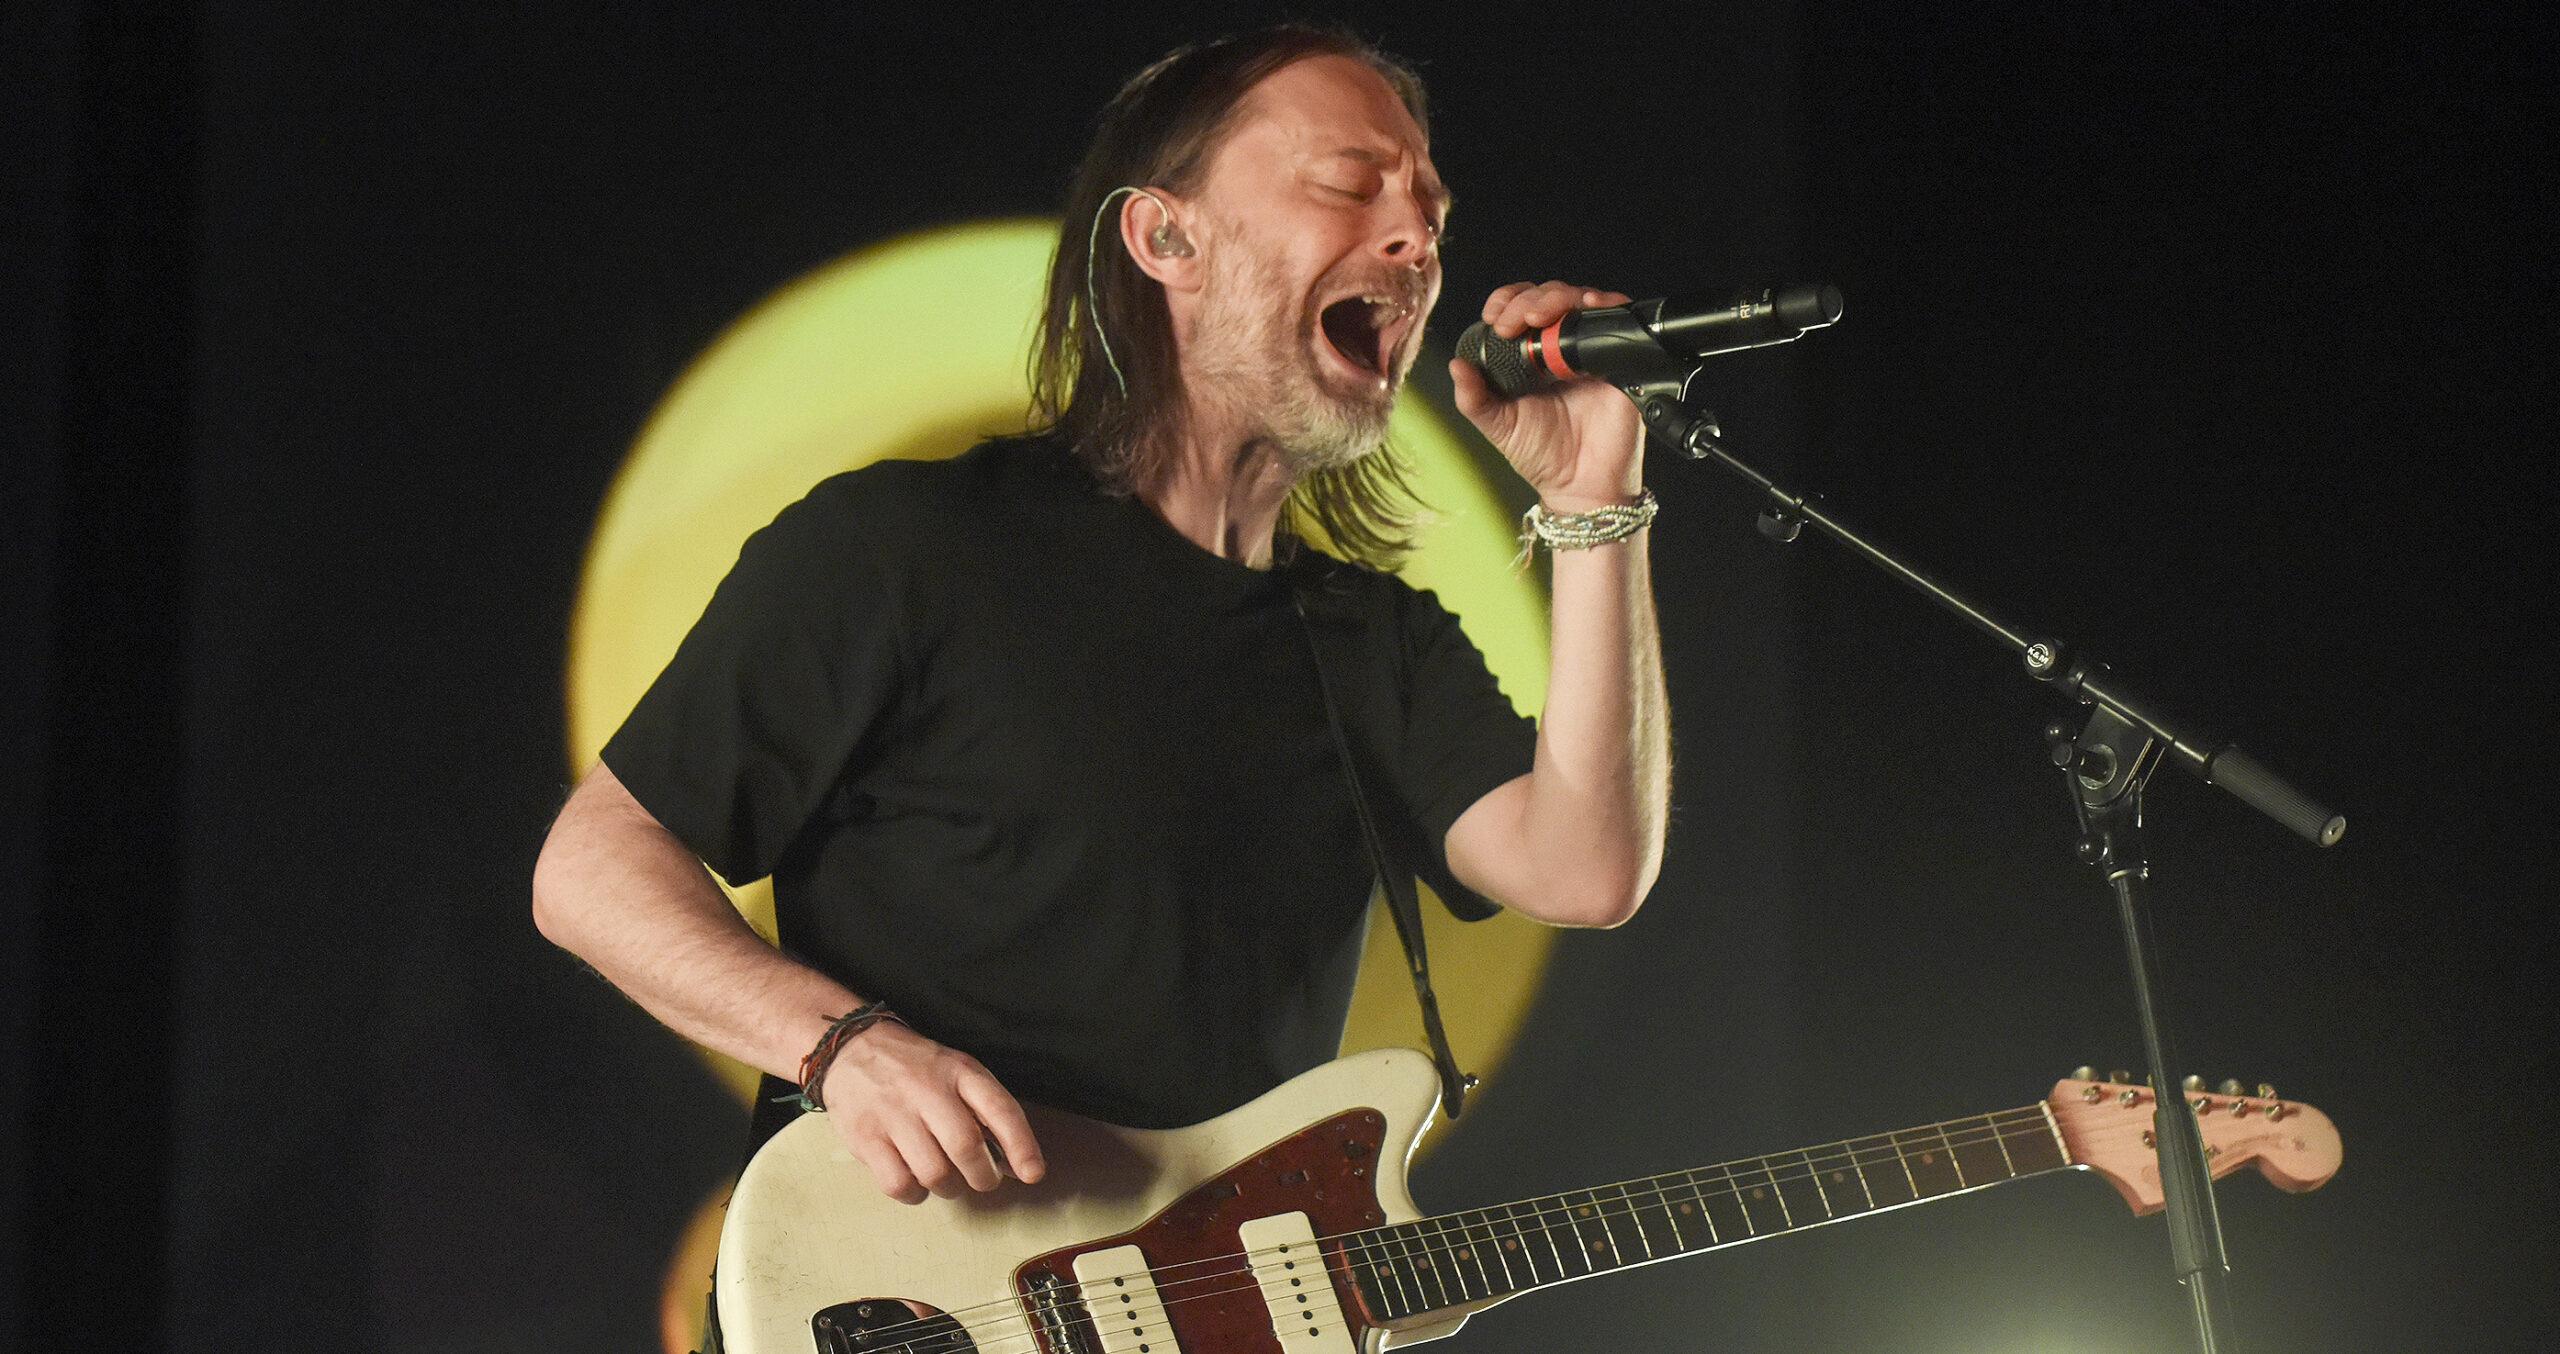 Członkowie Radiohead wydadzą aż dwie płyty ześwieżym materiałem